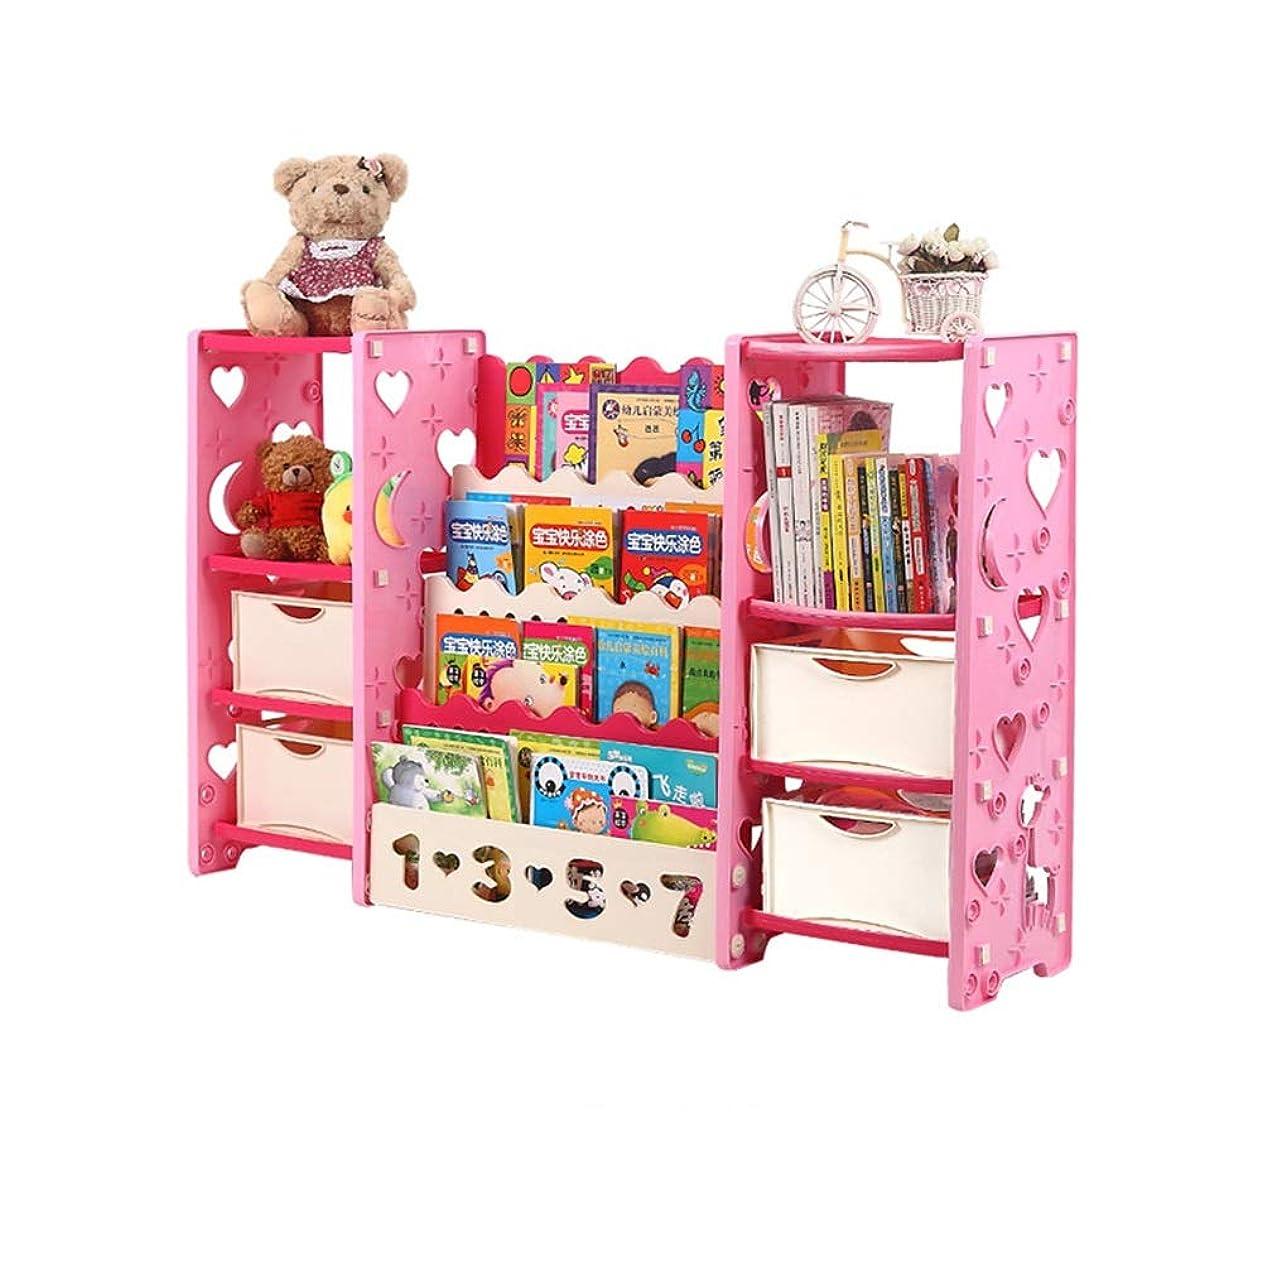 固める賢明な微視的Xyanzi おもちゃ?絵本ラック 子供のストレージ本棚、子供の本棚子供のおもちゃストレージシェルフブックラック多色プレイルーム本棚主催の表示ホルダー (Color : Pink)